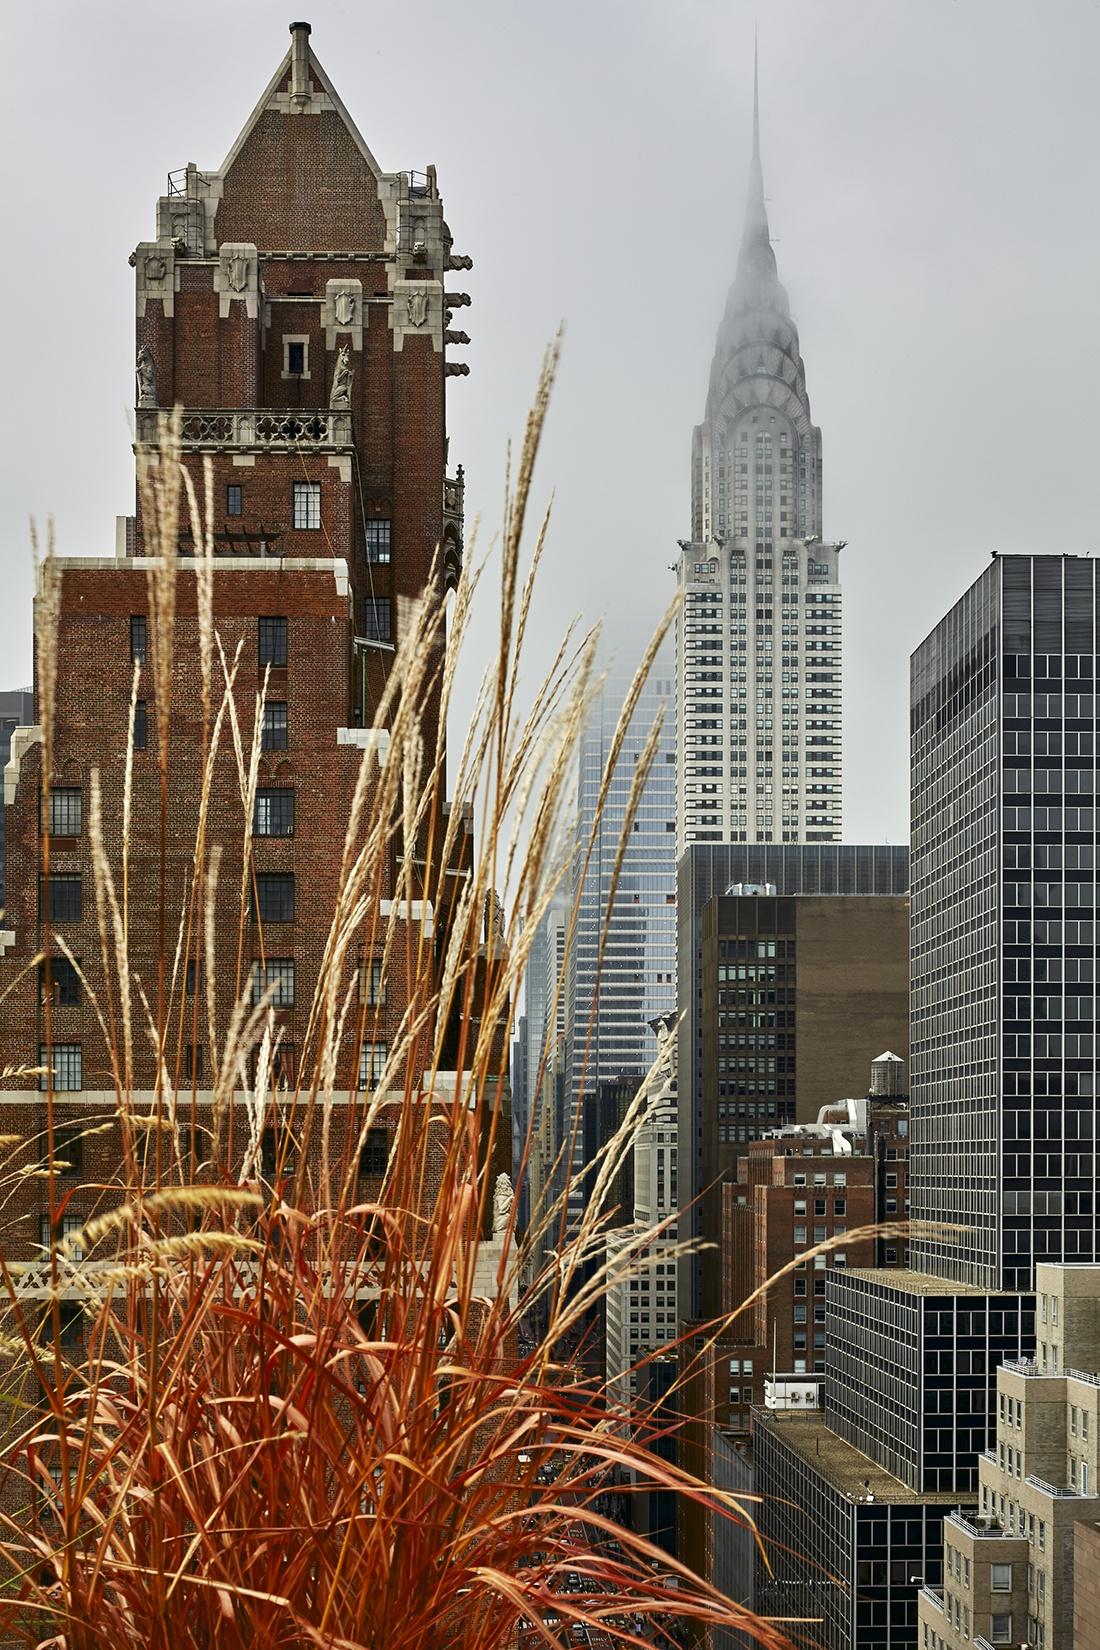 chrysler new york fine art print cp krenkler fotografie kunstdruck big apple new york wolkenkratzer kunst art fotografie CP Krenkler NYC